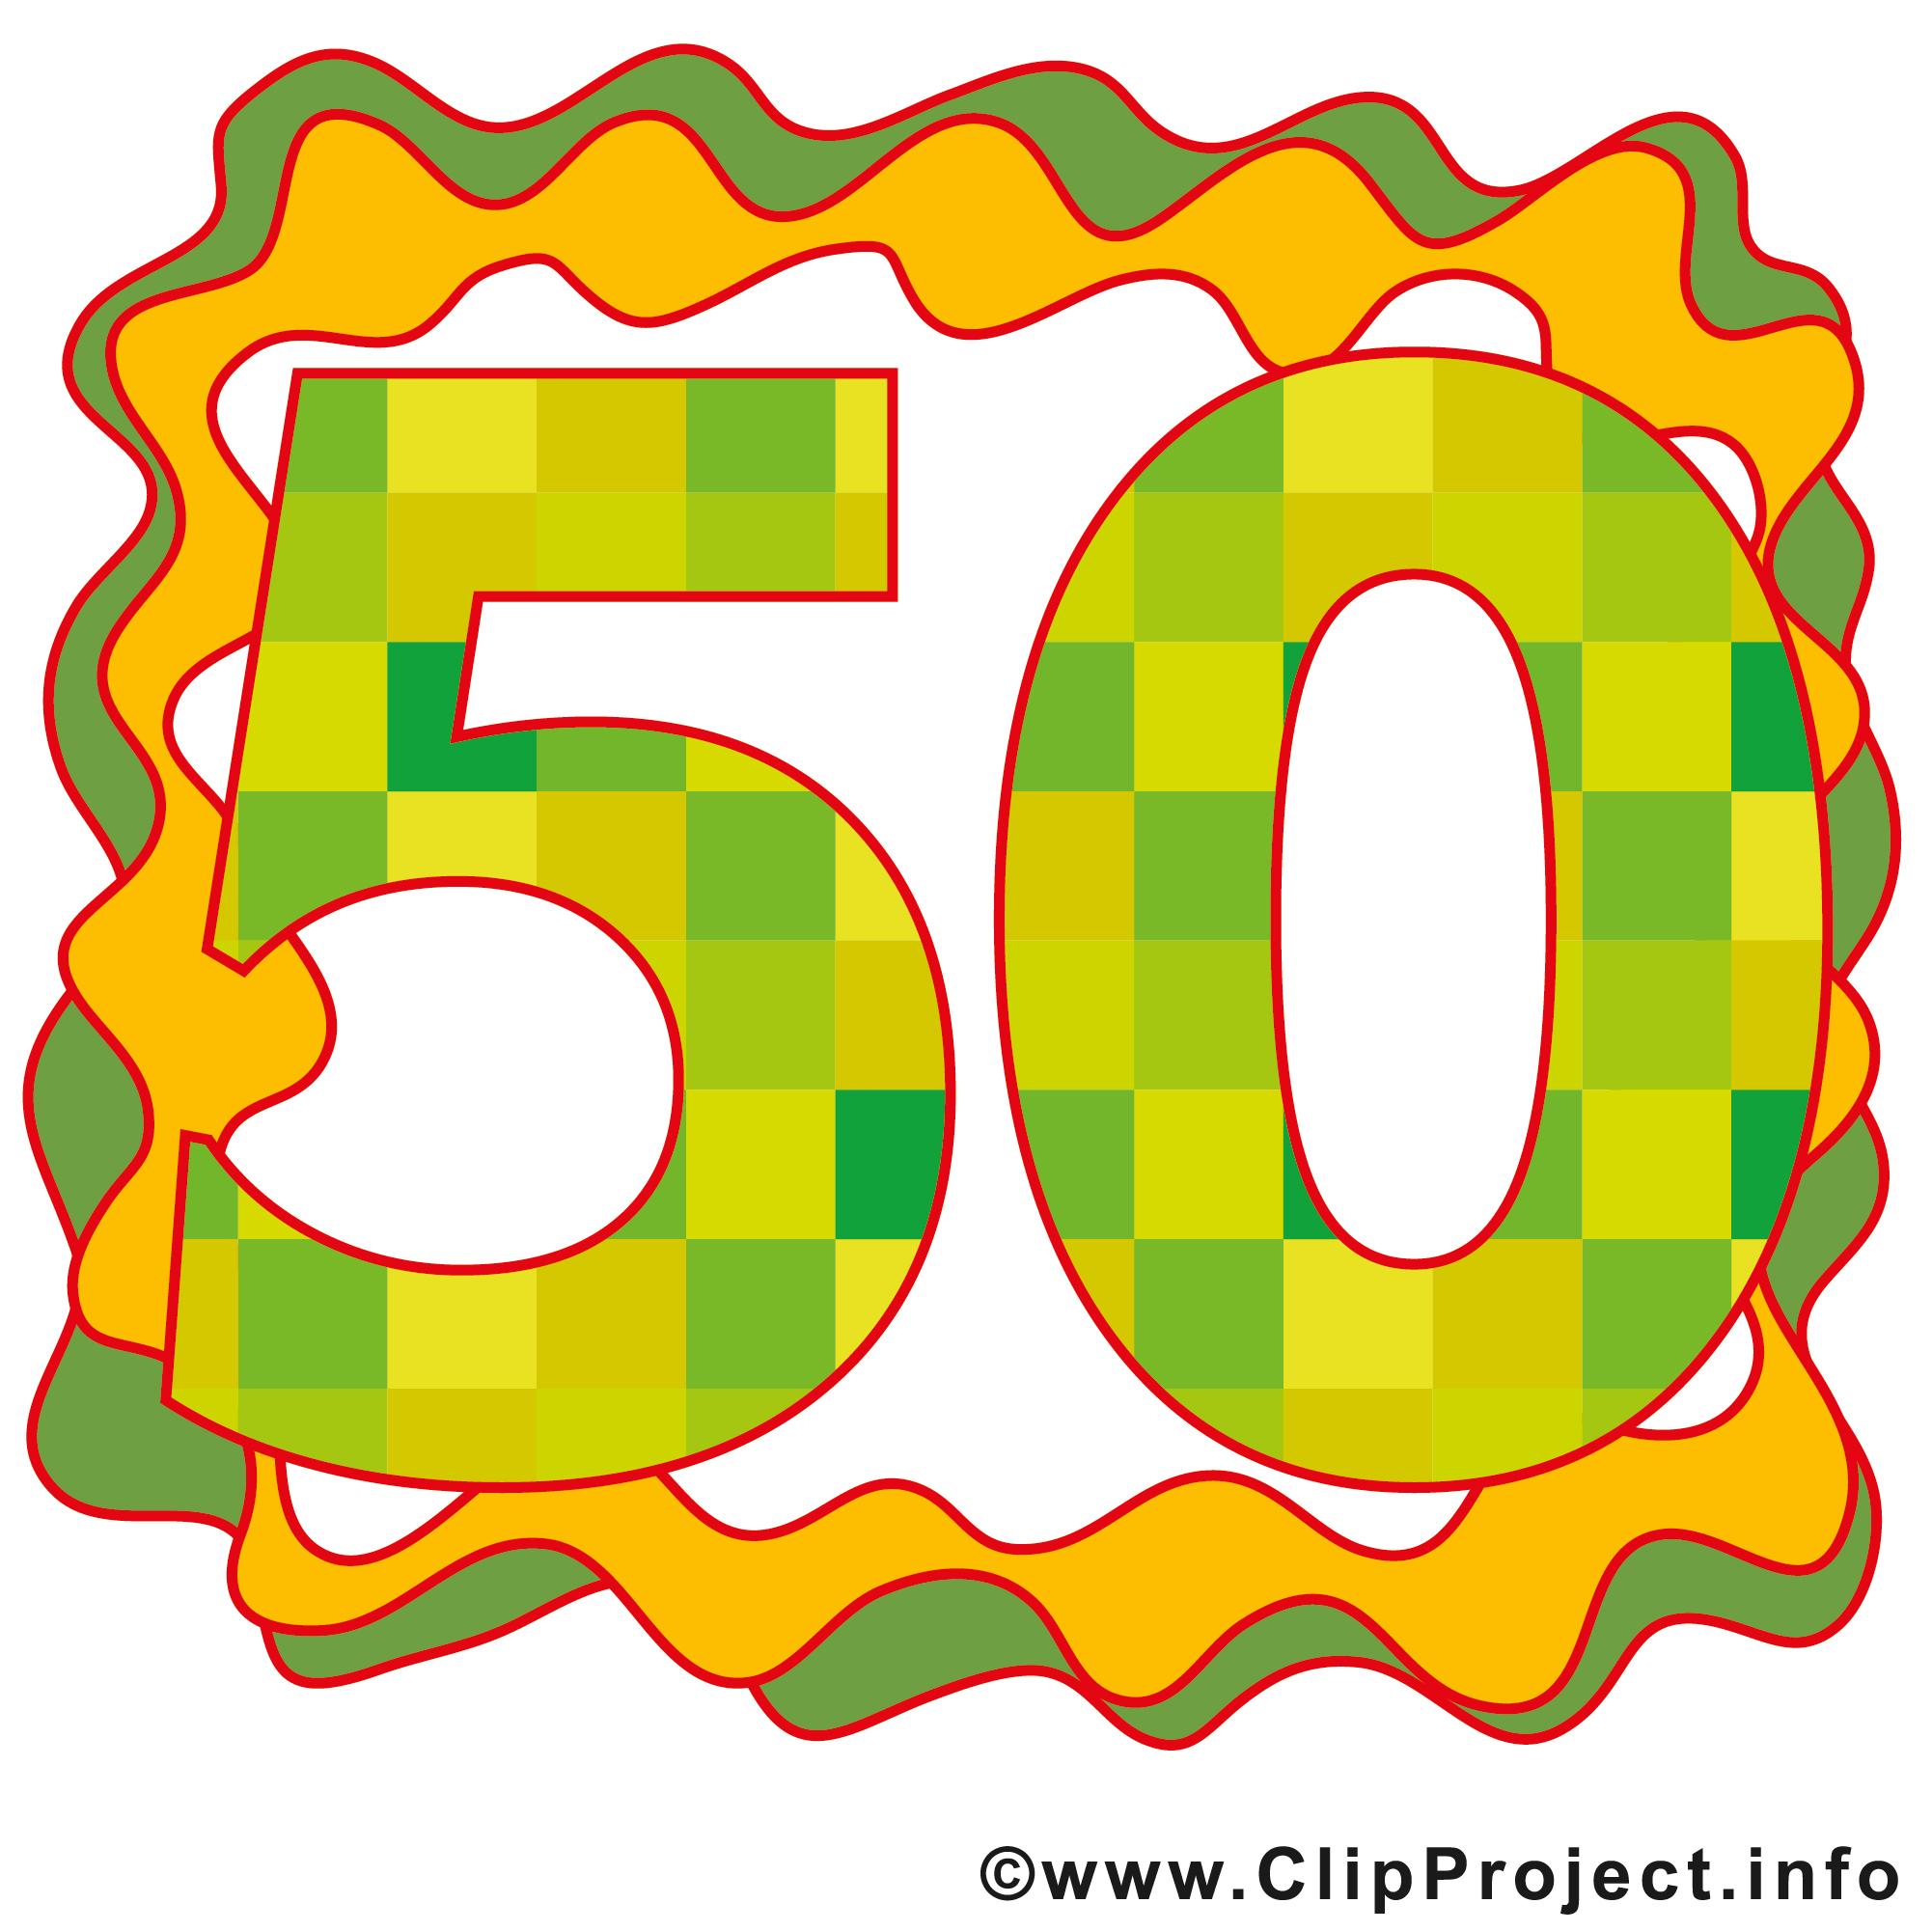 cliparts kostenlos geburtstag 50 - photo #9